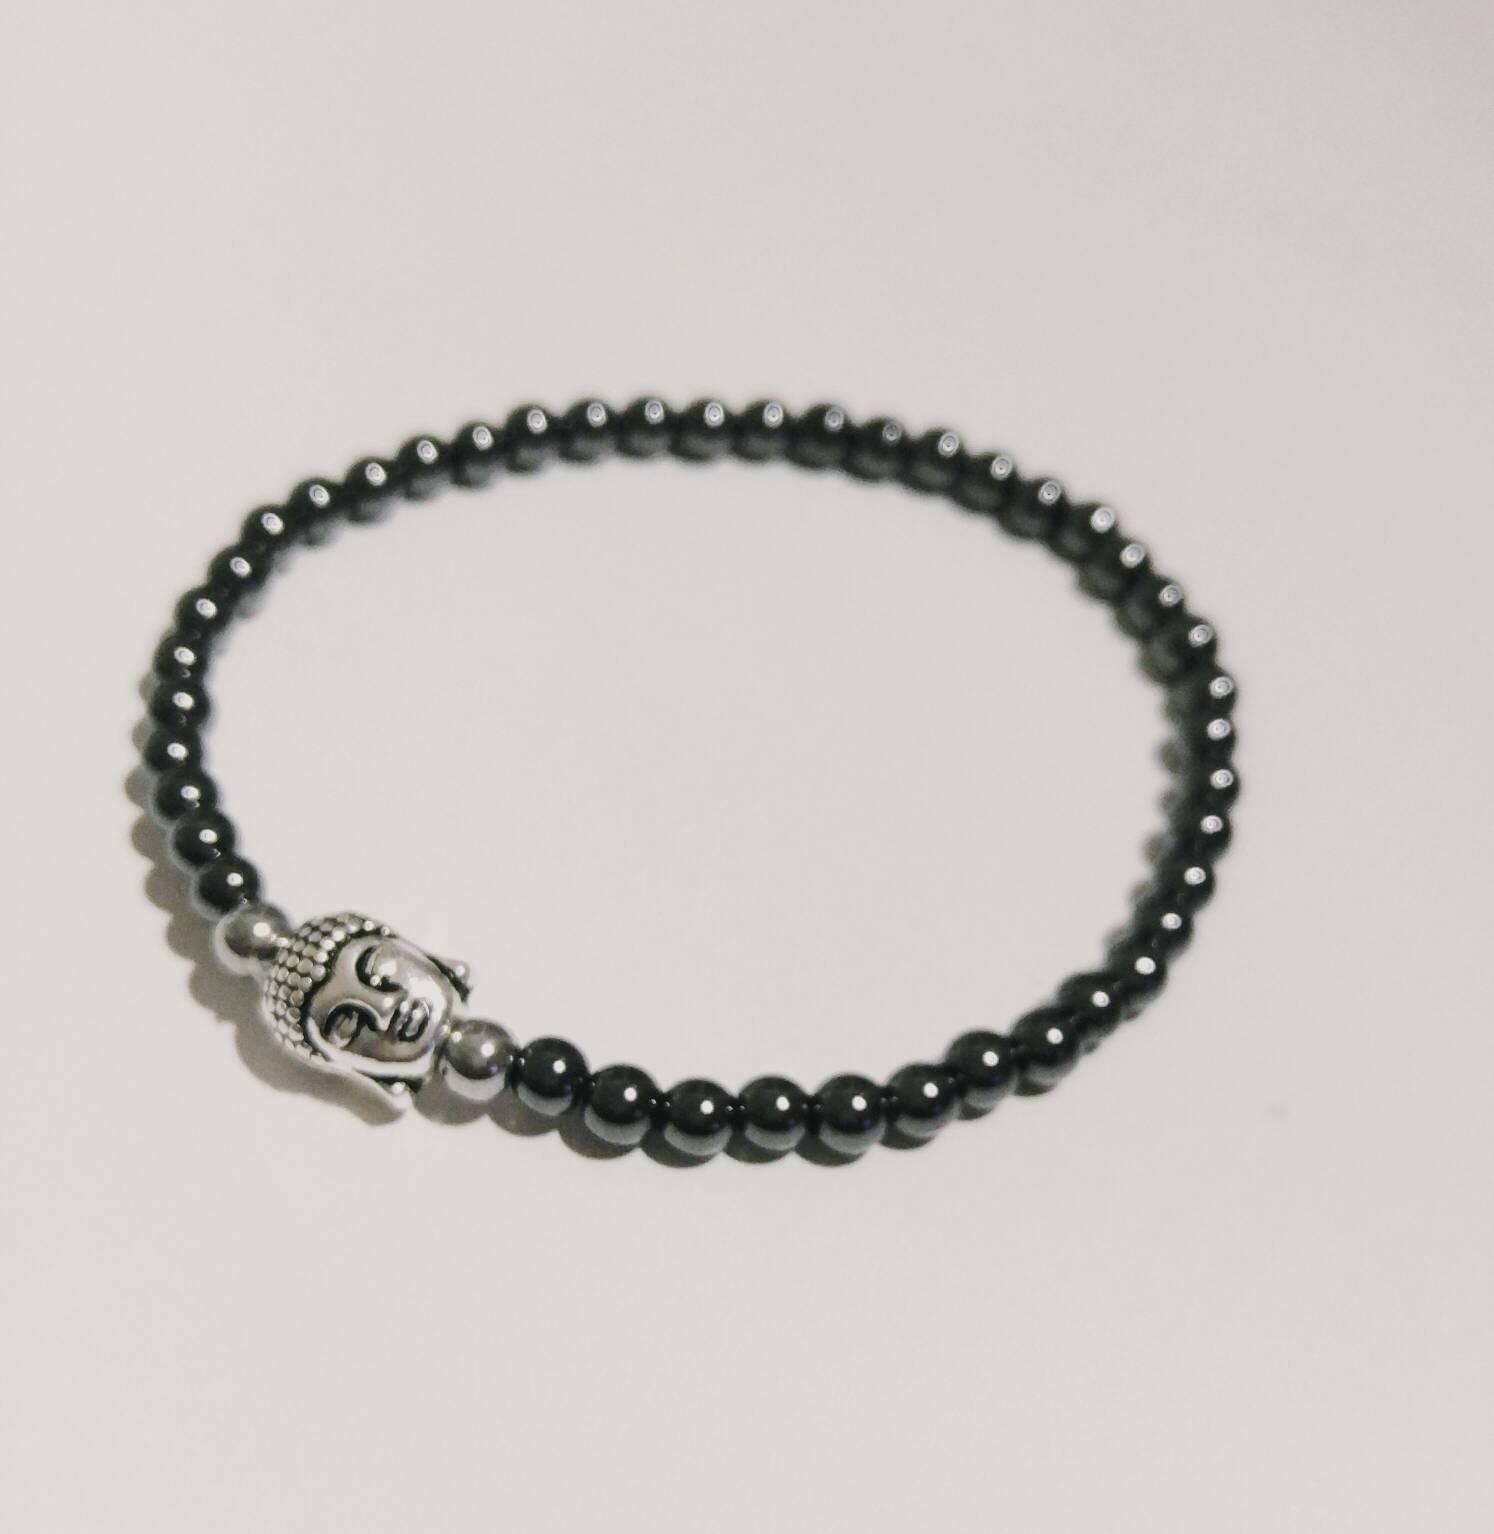 Black Hematite Unisex Buddha Handmade Gemstone Bracelet~natural  Hematite~handmade Jewelry~beaded Jewelry